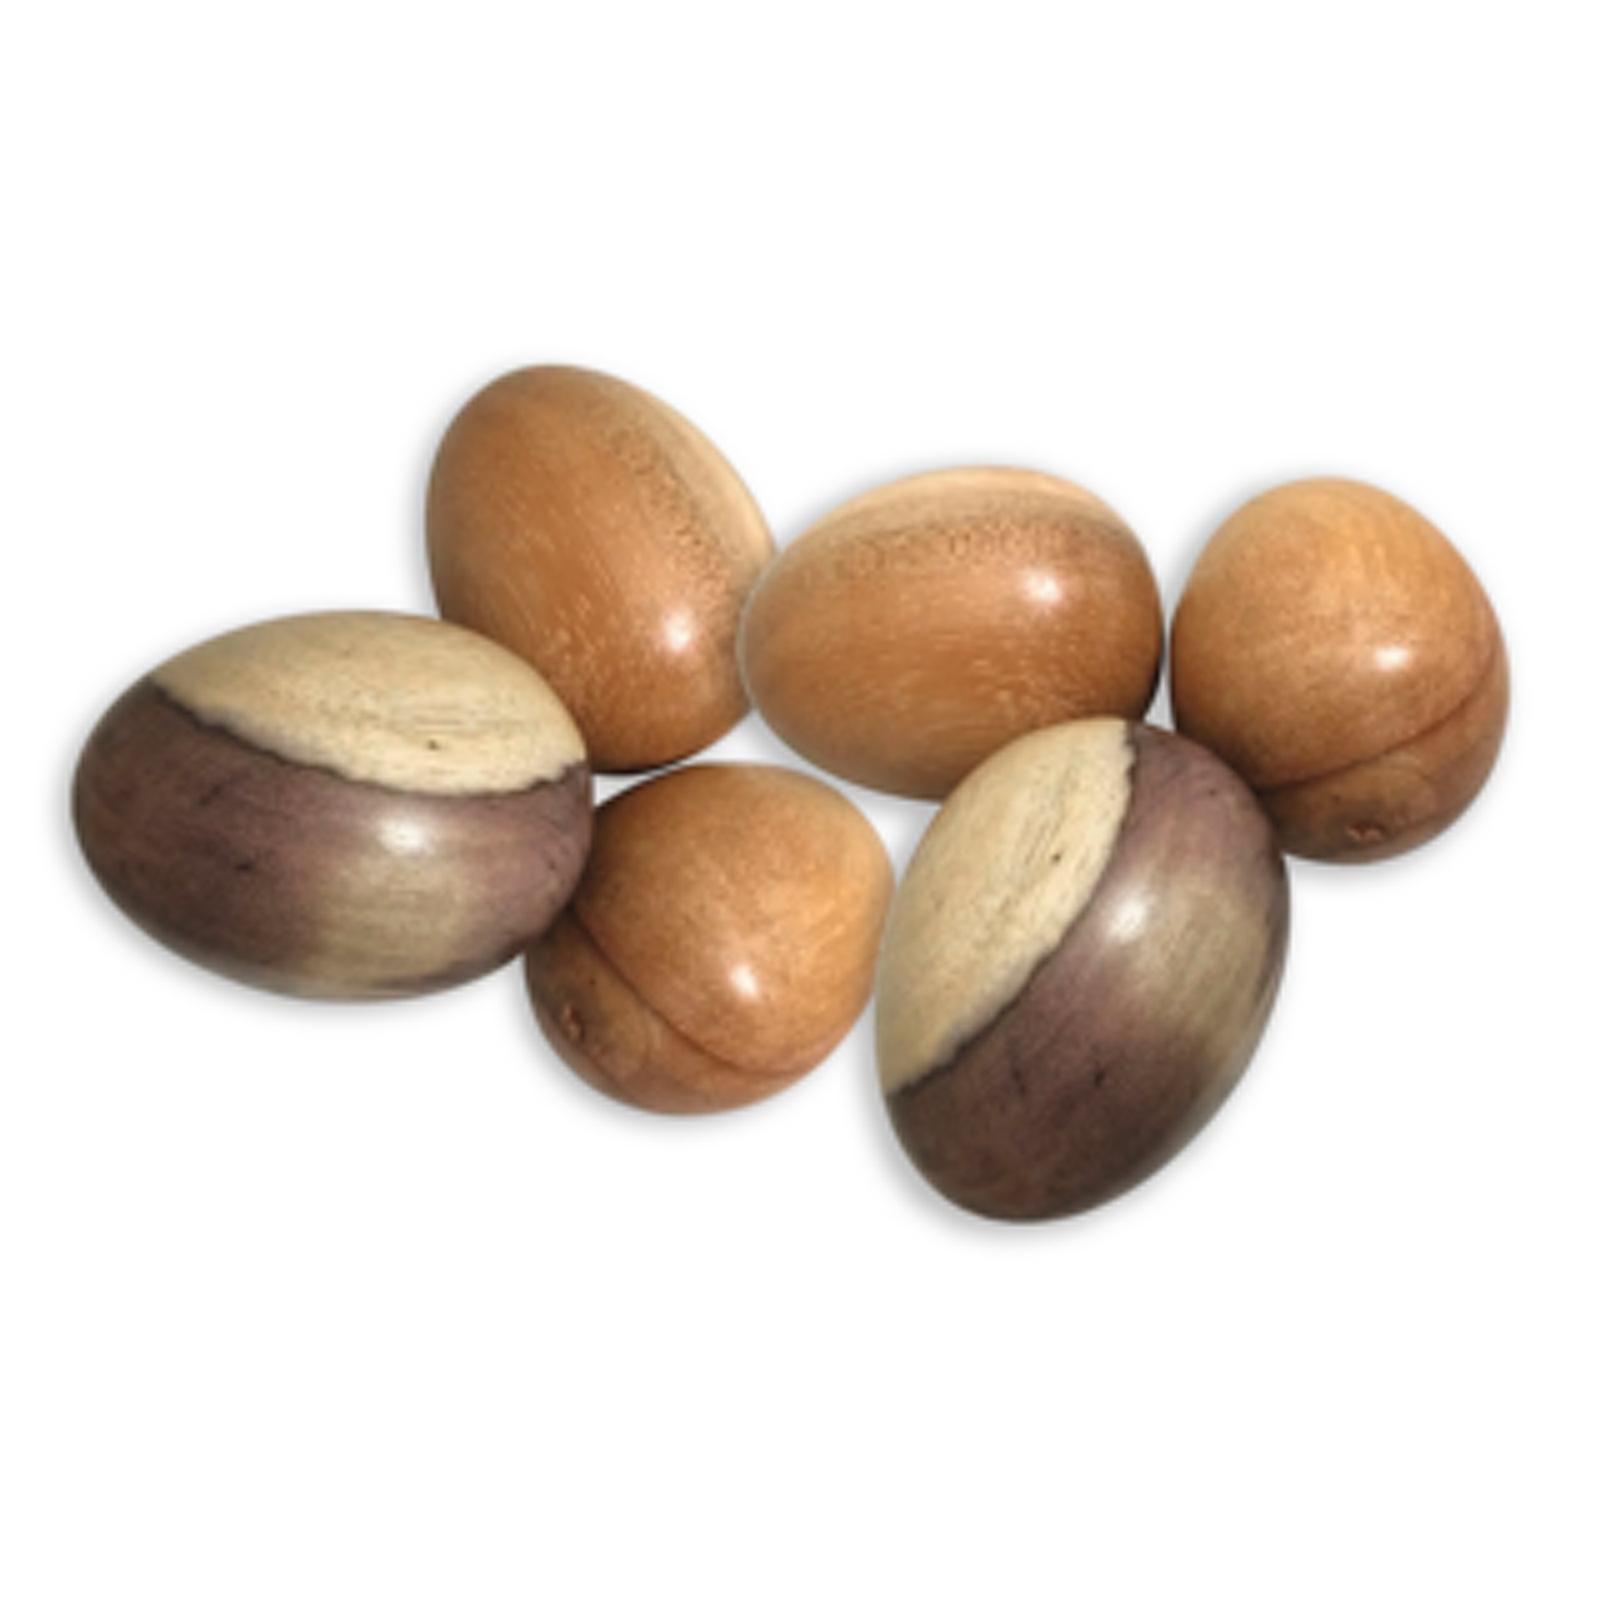 Wooden Sensory Egg Set